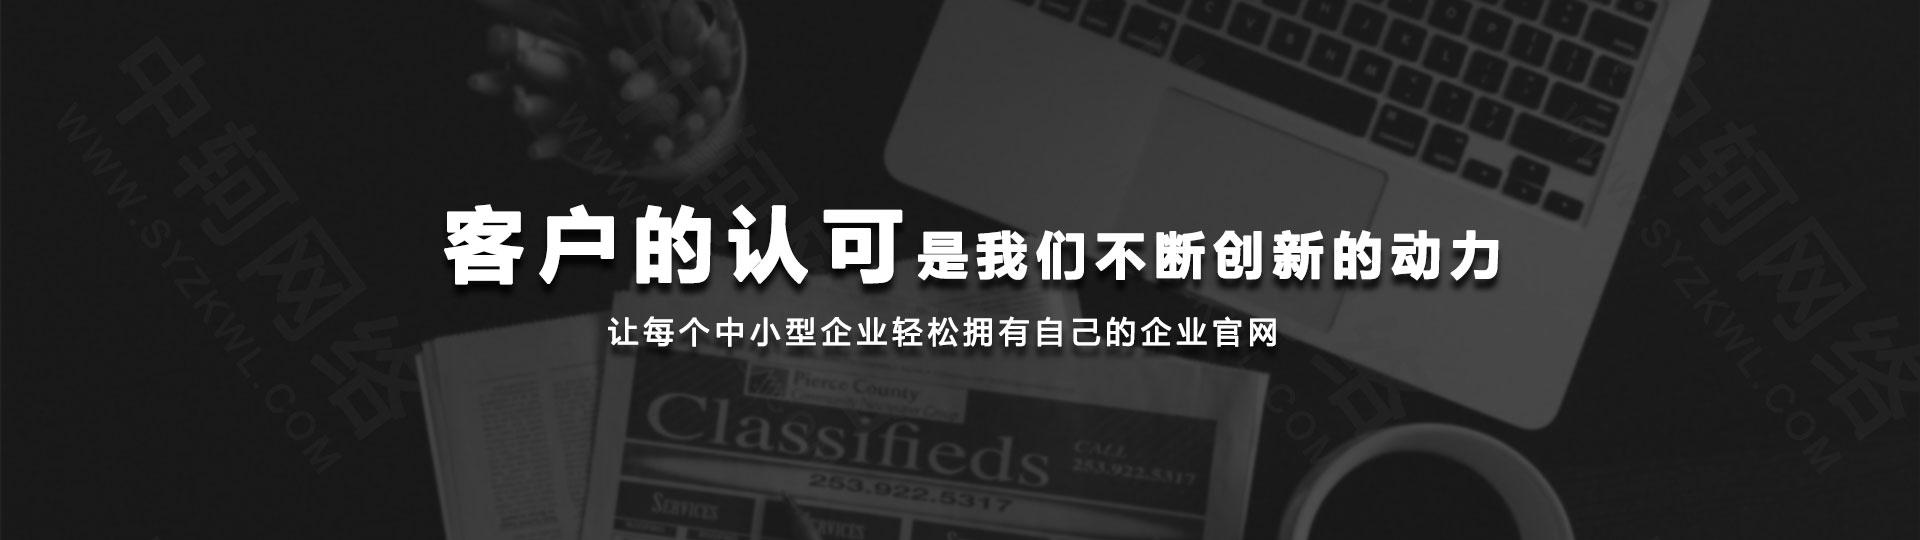 中轲网络官网